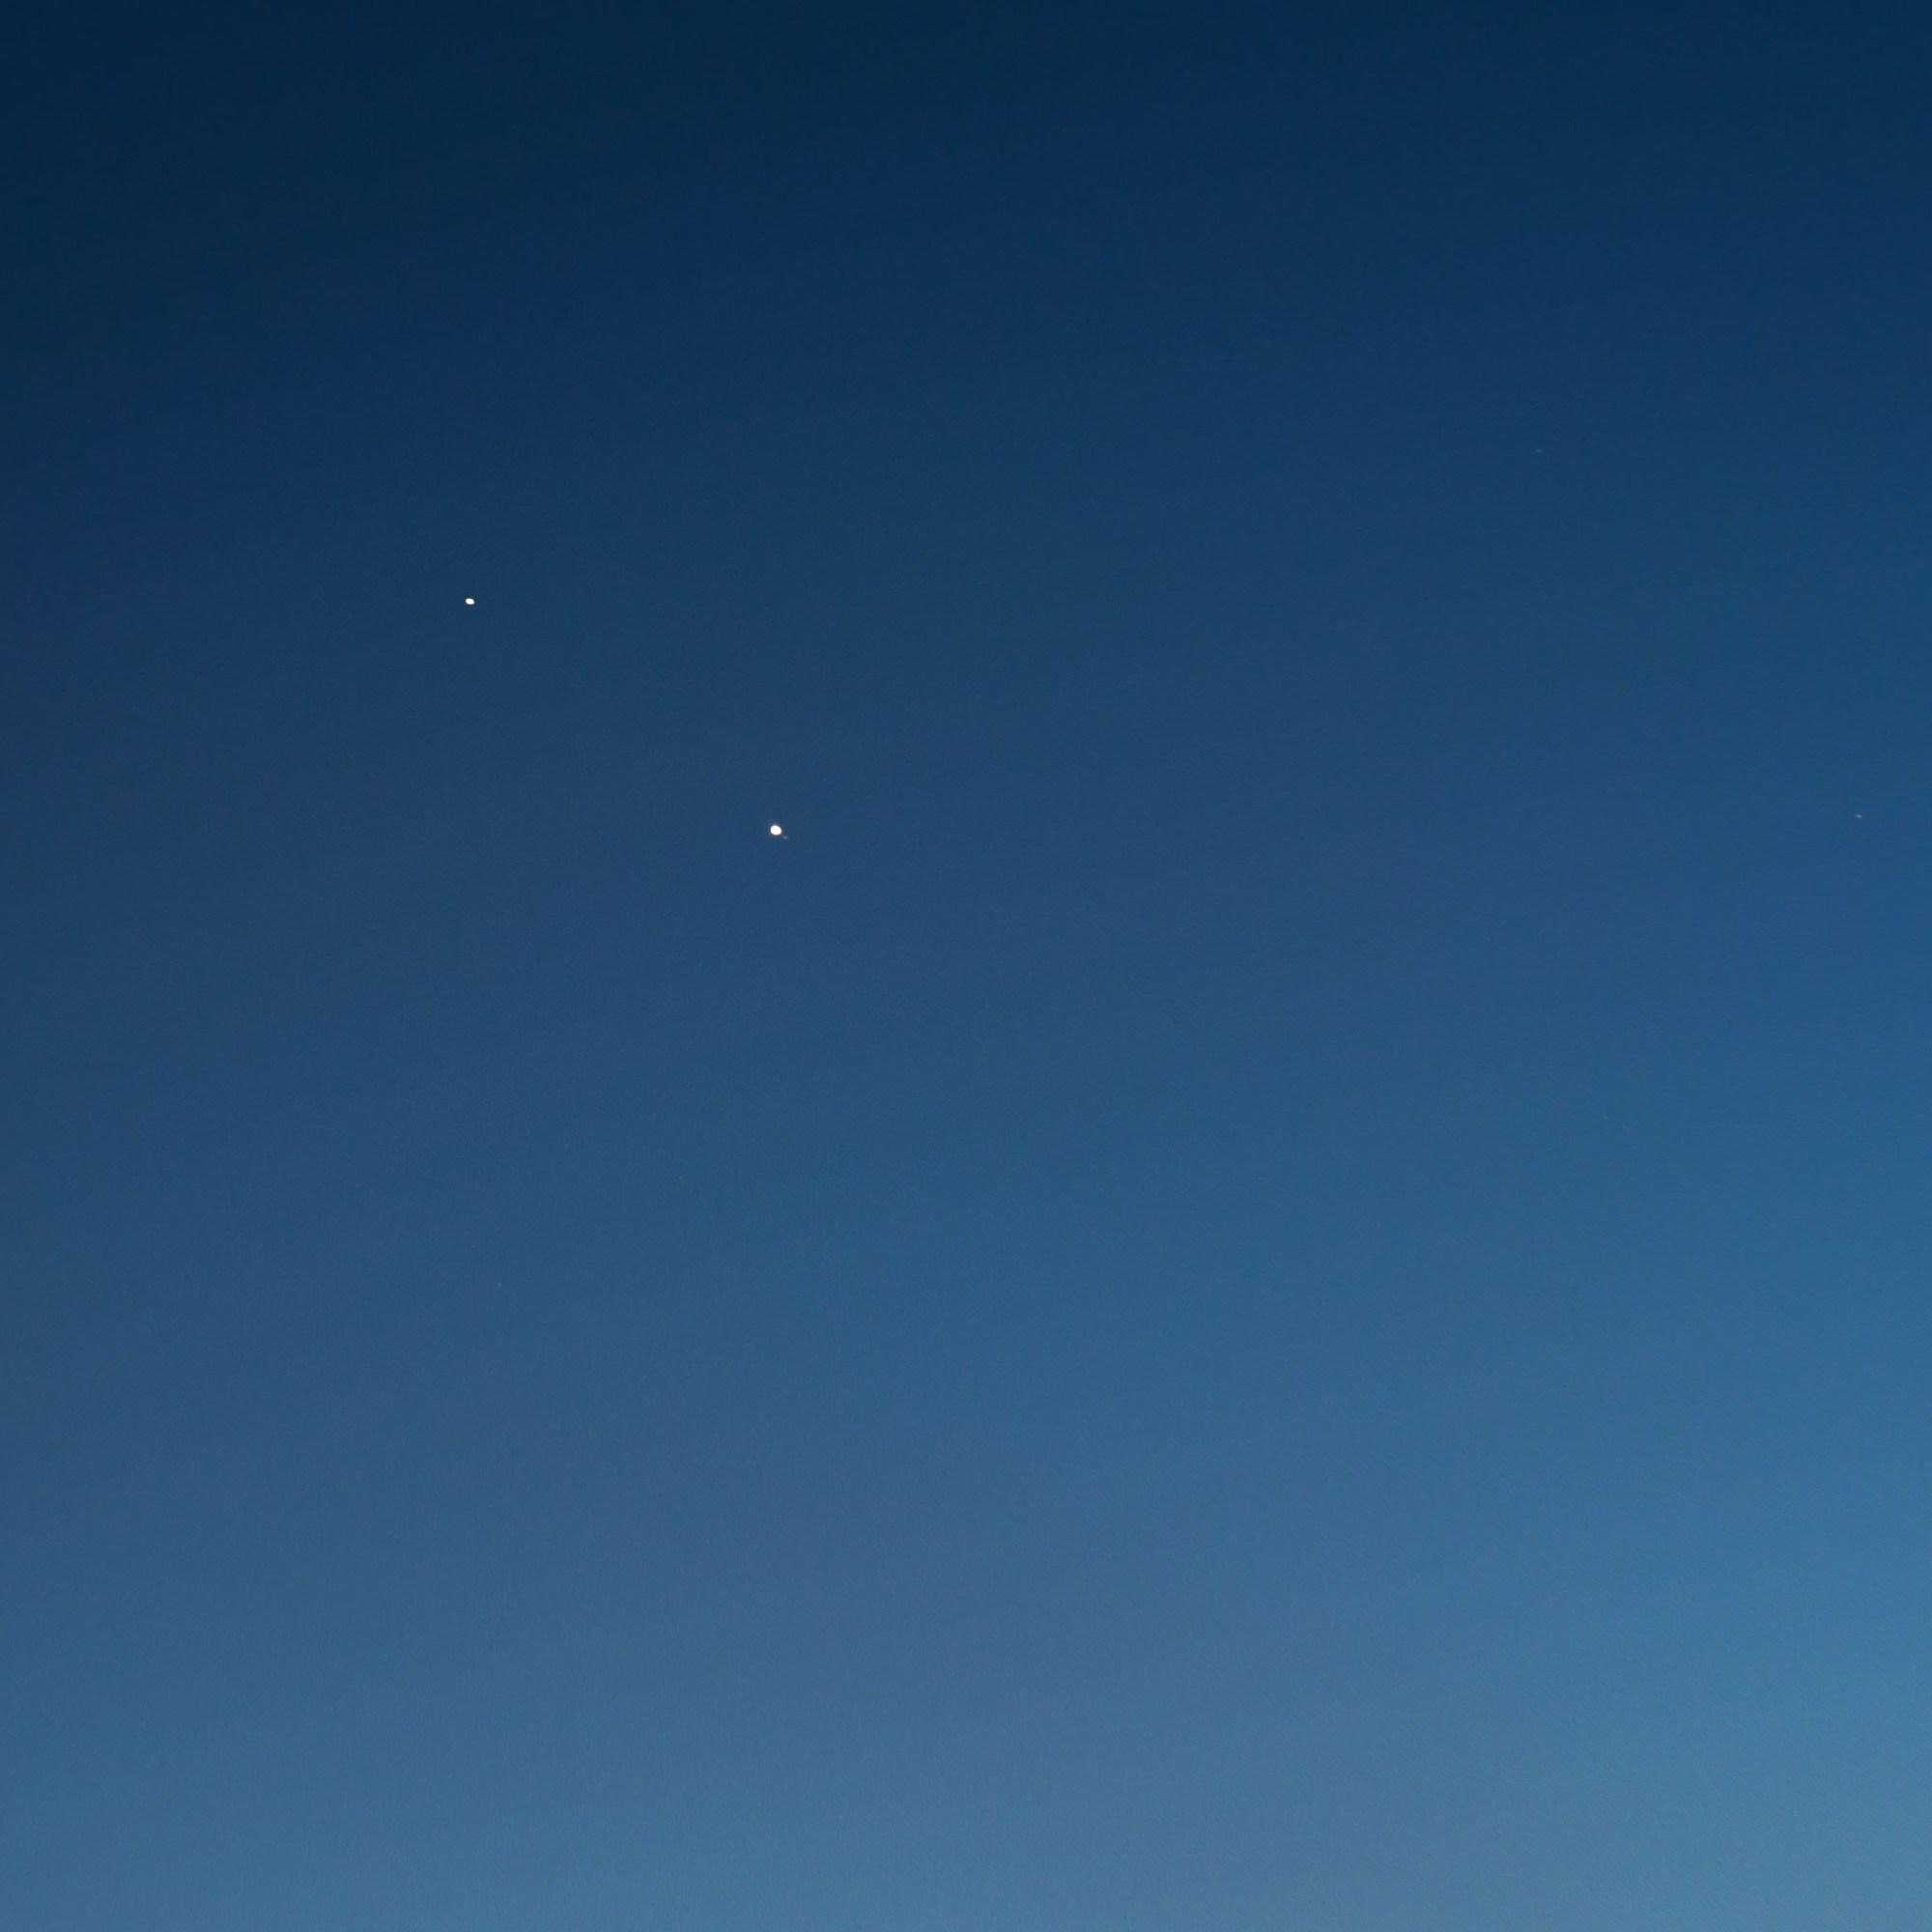 Planets Nikon D800